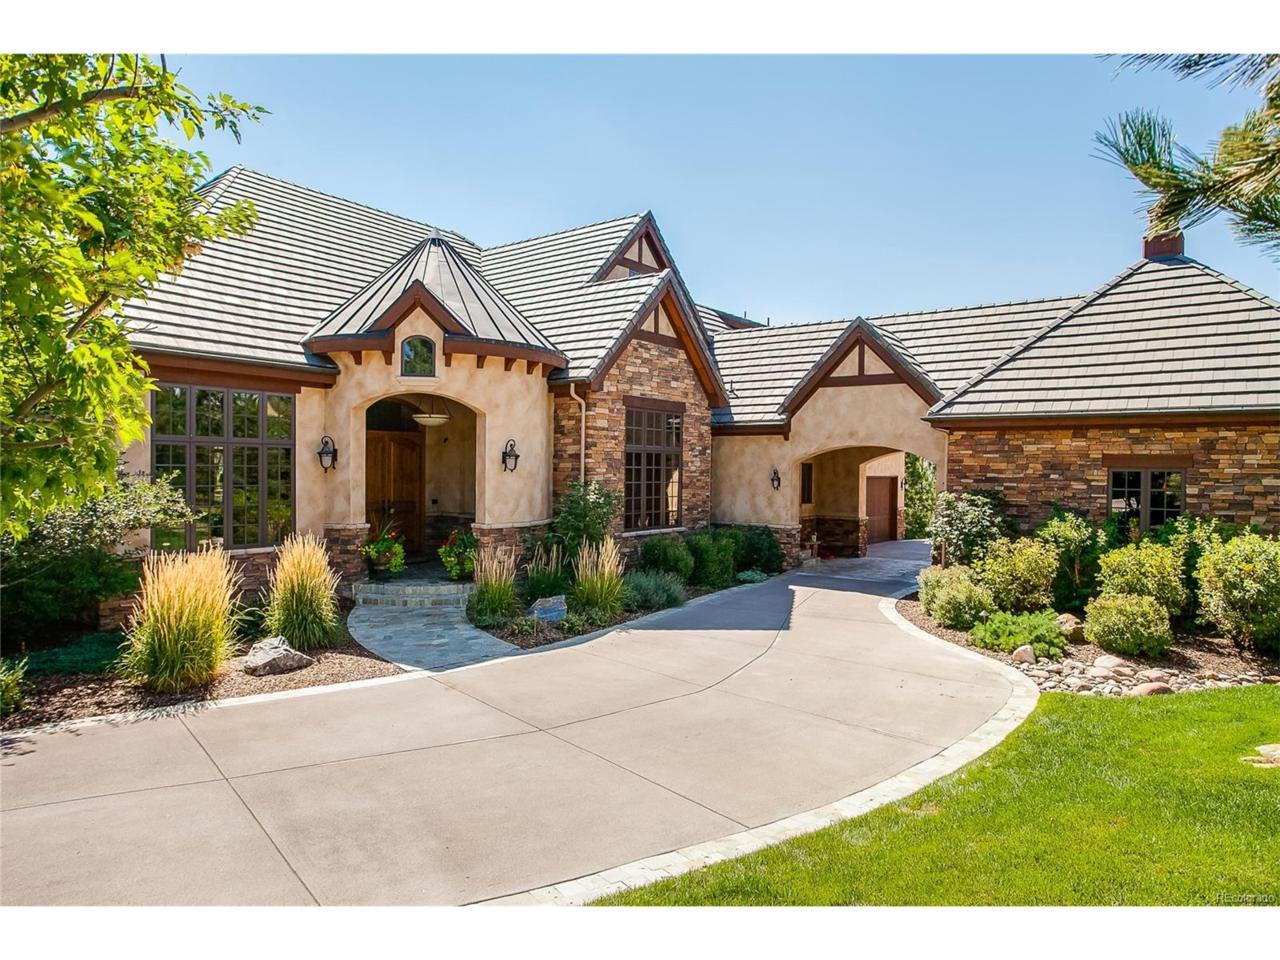 784 International Isle Drive, Castle Rock, CO 80108 (MLS #3355875) :: 8z Real Estate